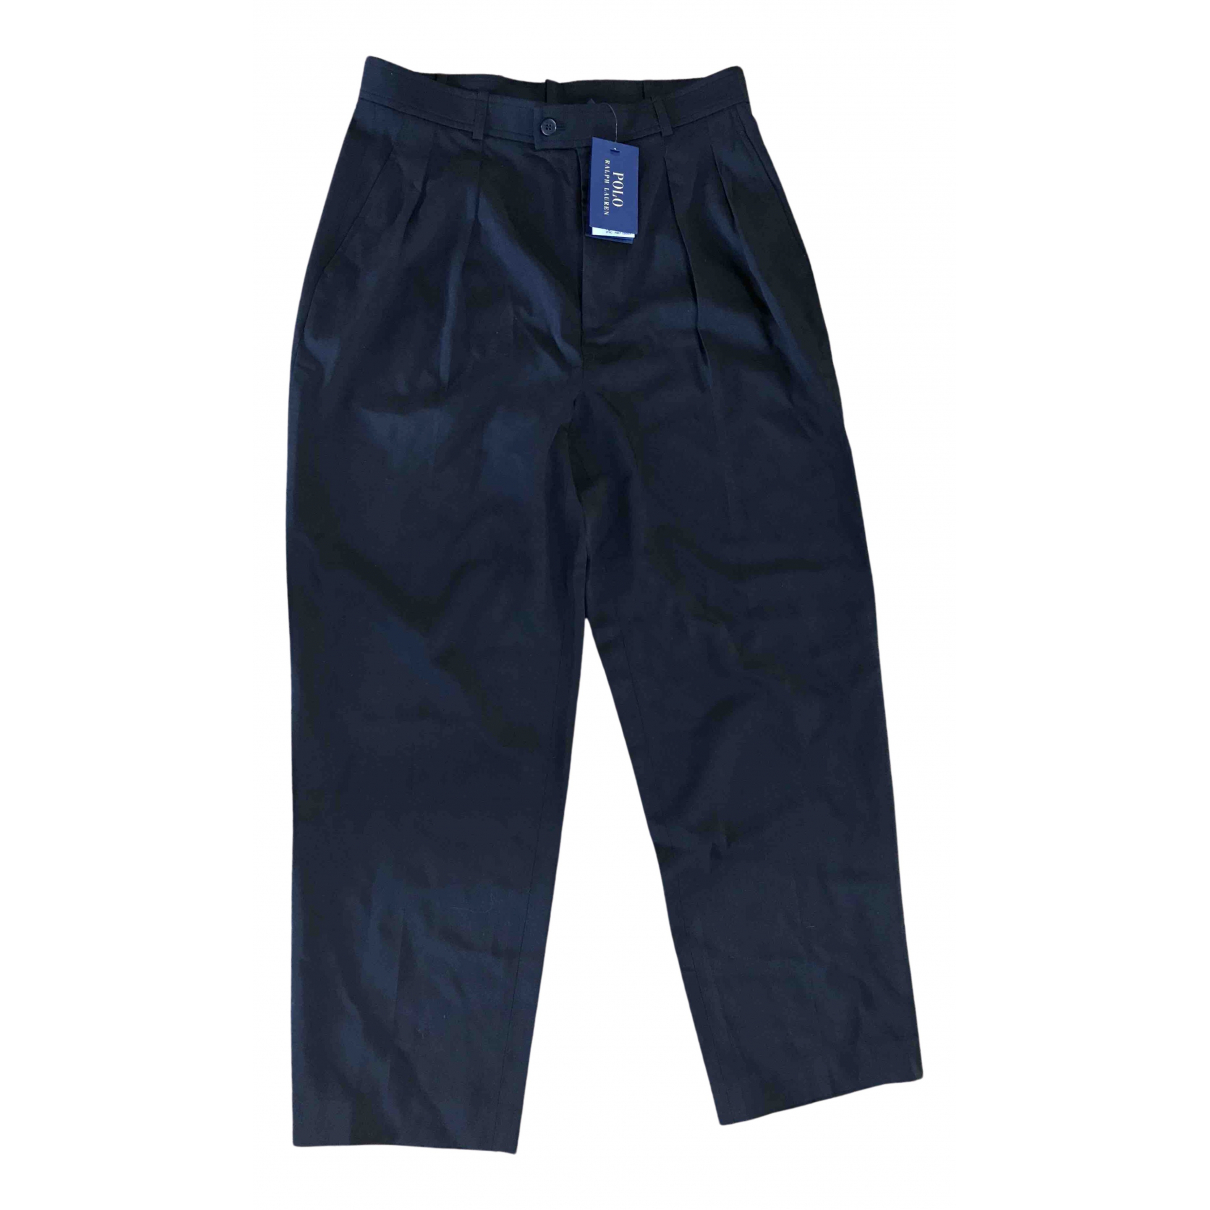 Pantalon zanahoria de Lona Polo Ralph Lauren